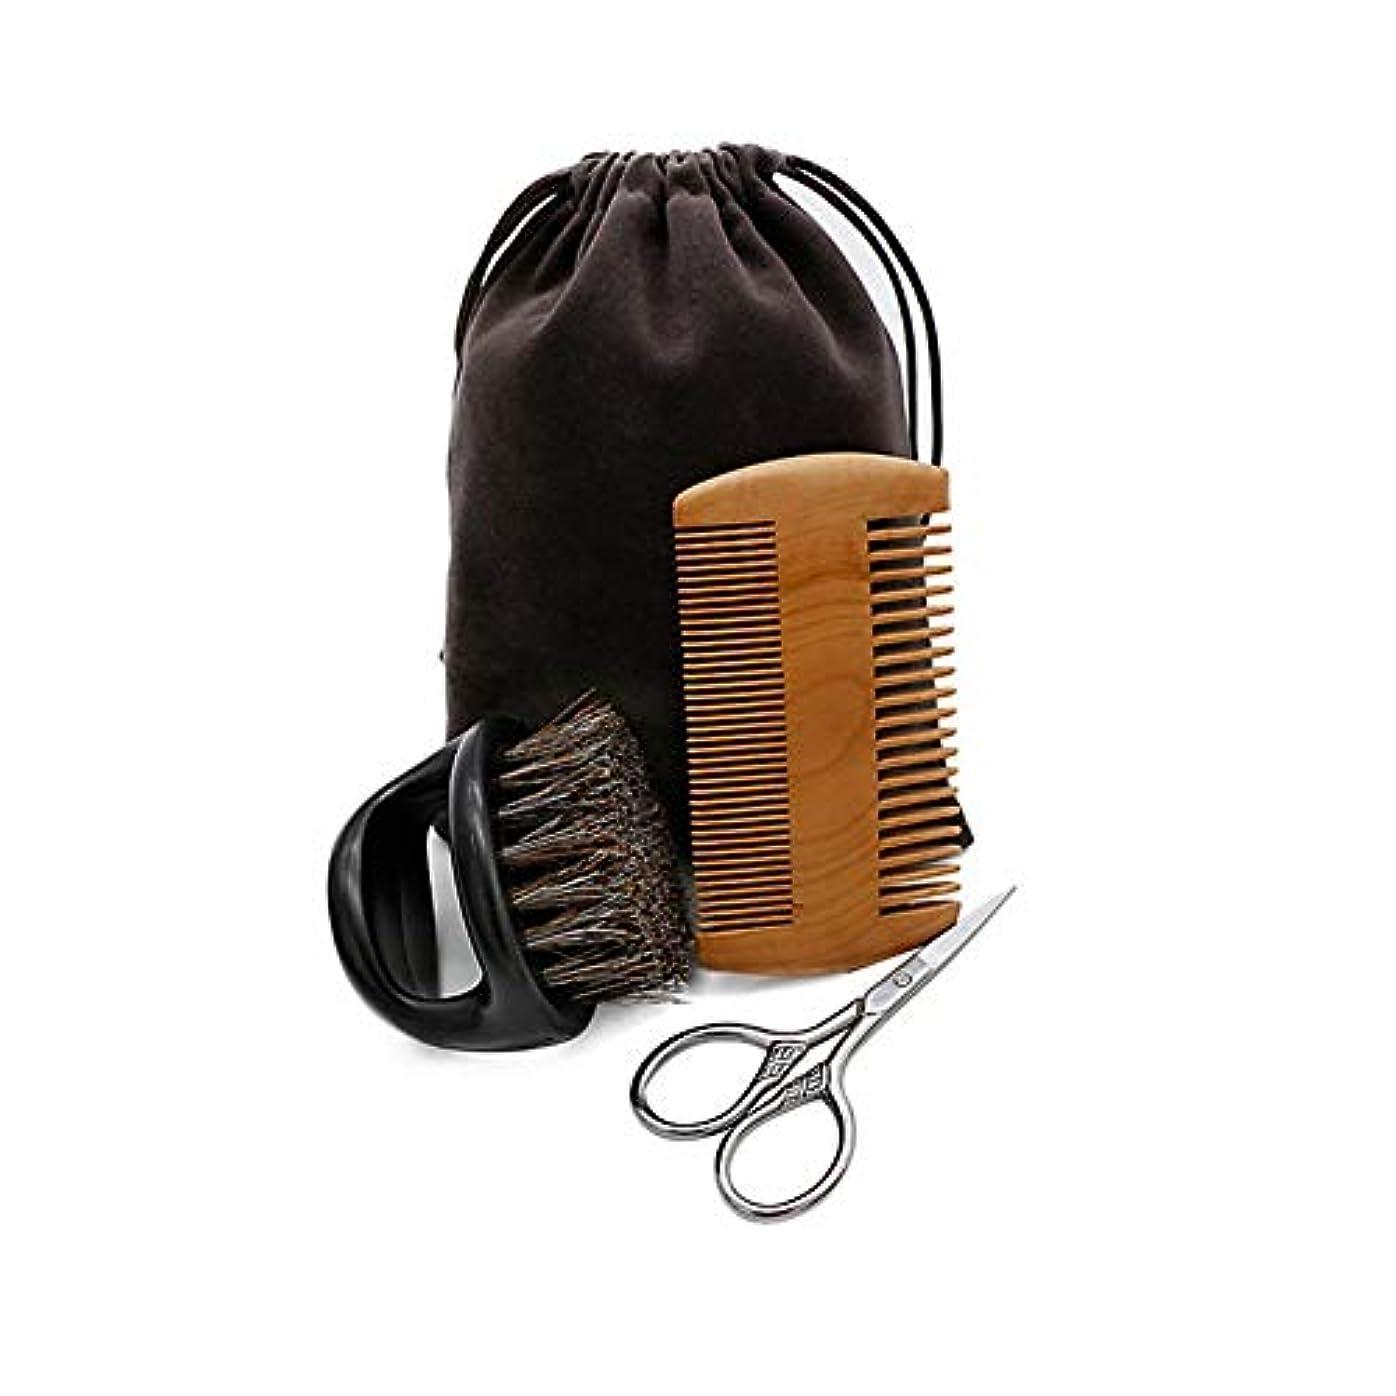 歯科の休日にマルクス主義者junexi ビアードケアセット 3件セット ひげブラシ ピーチ木製櫛 はさみ 柔らかい 使いやすい メンズ髭手入れセット 収納袋付き 携帯便利 ヘアブラシセット